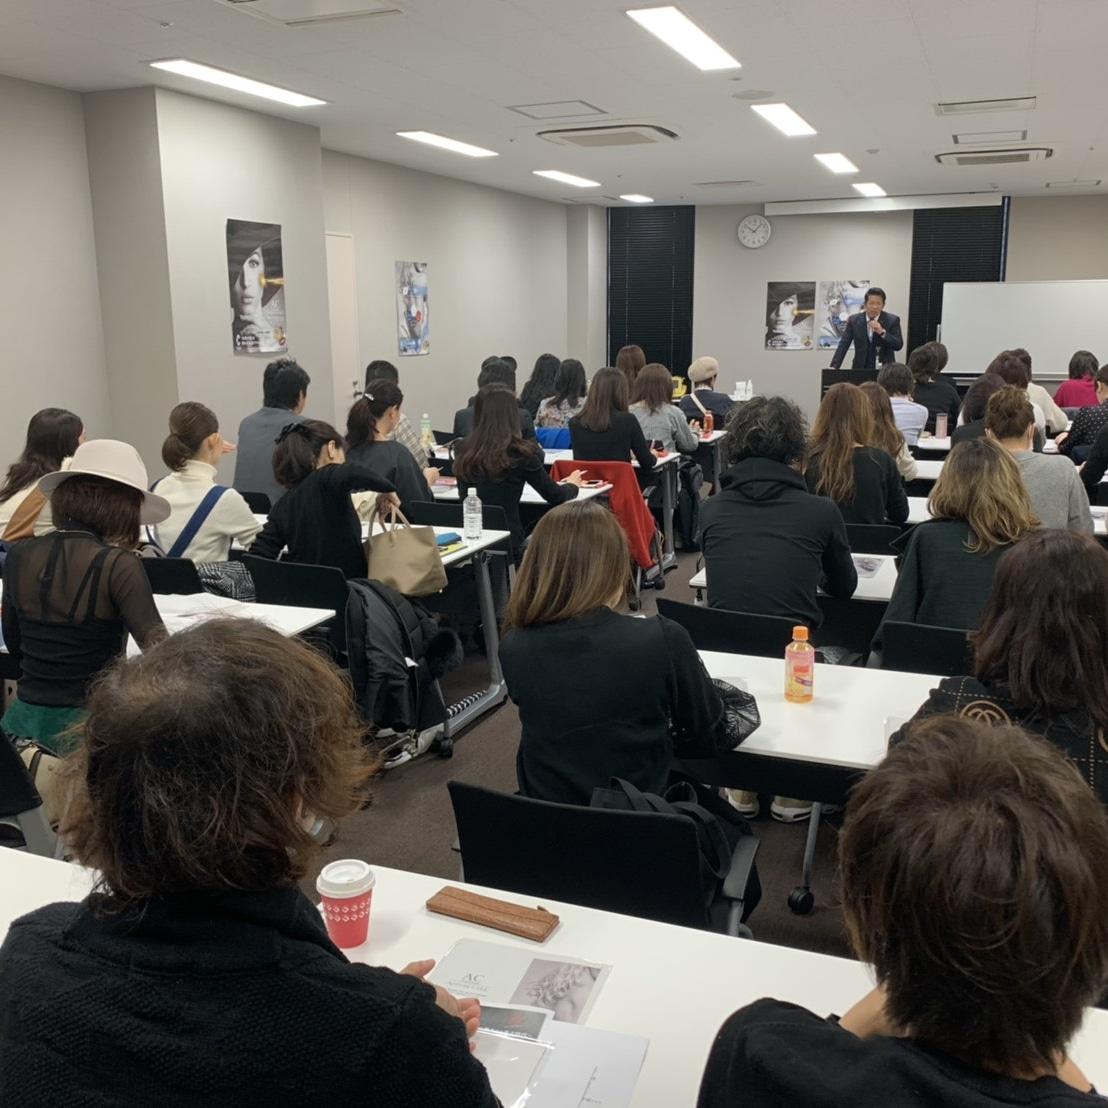 【満員御礼】リアボーテハーブトリートメント大阪講習会